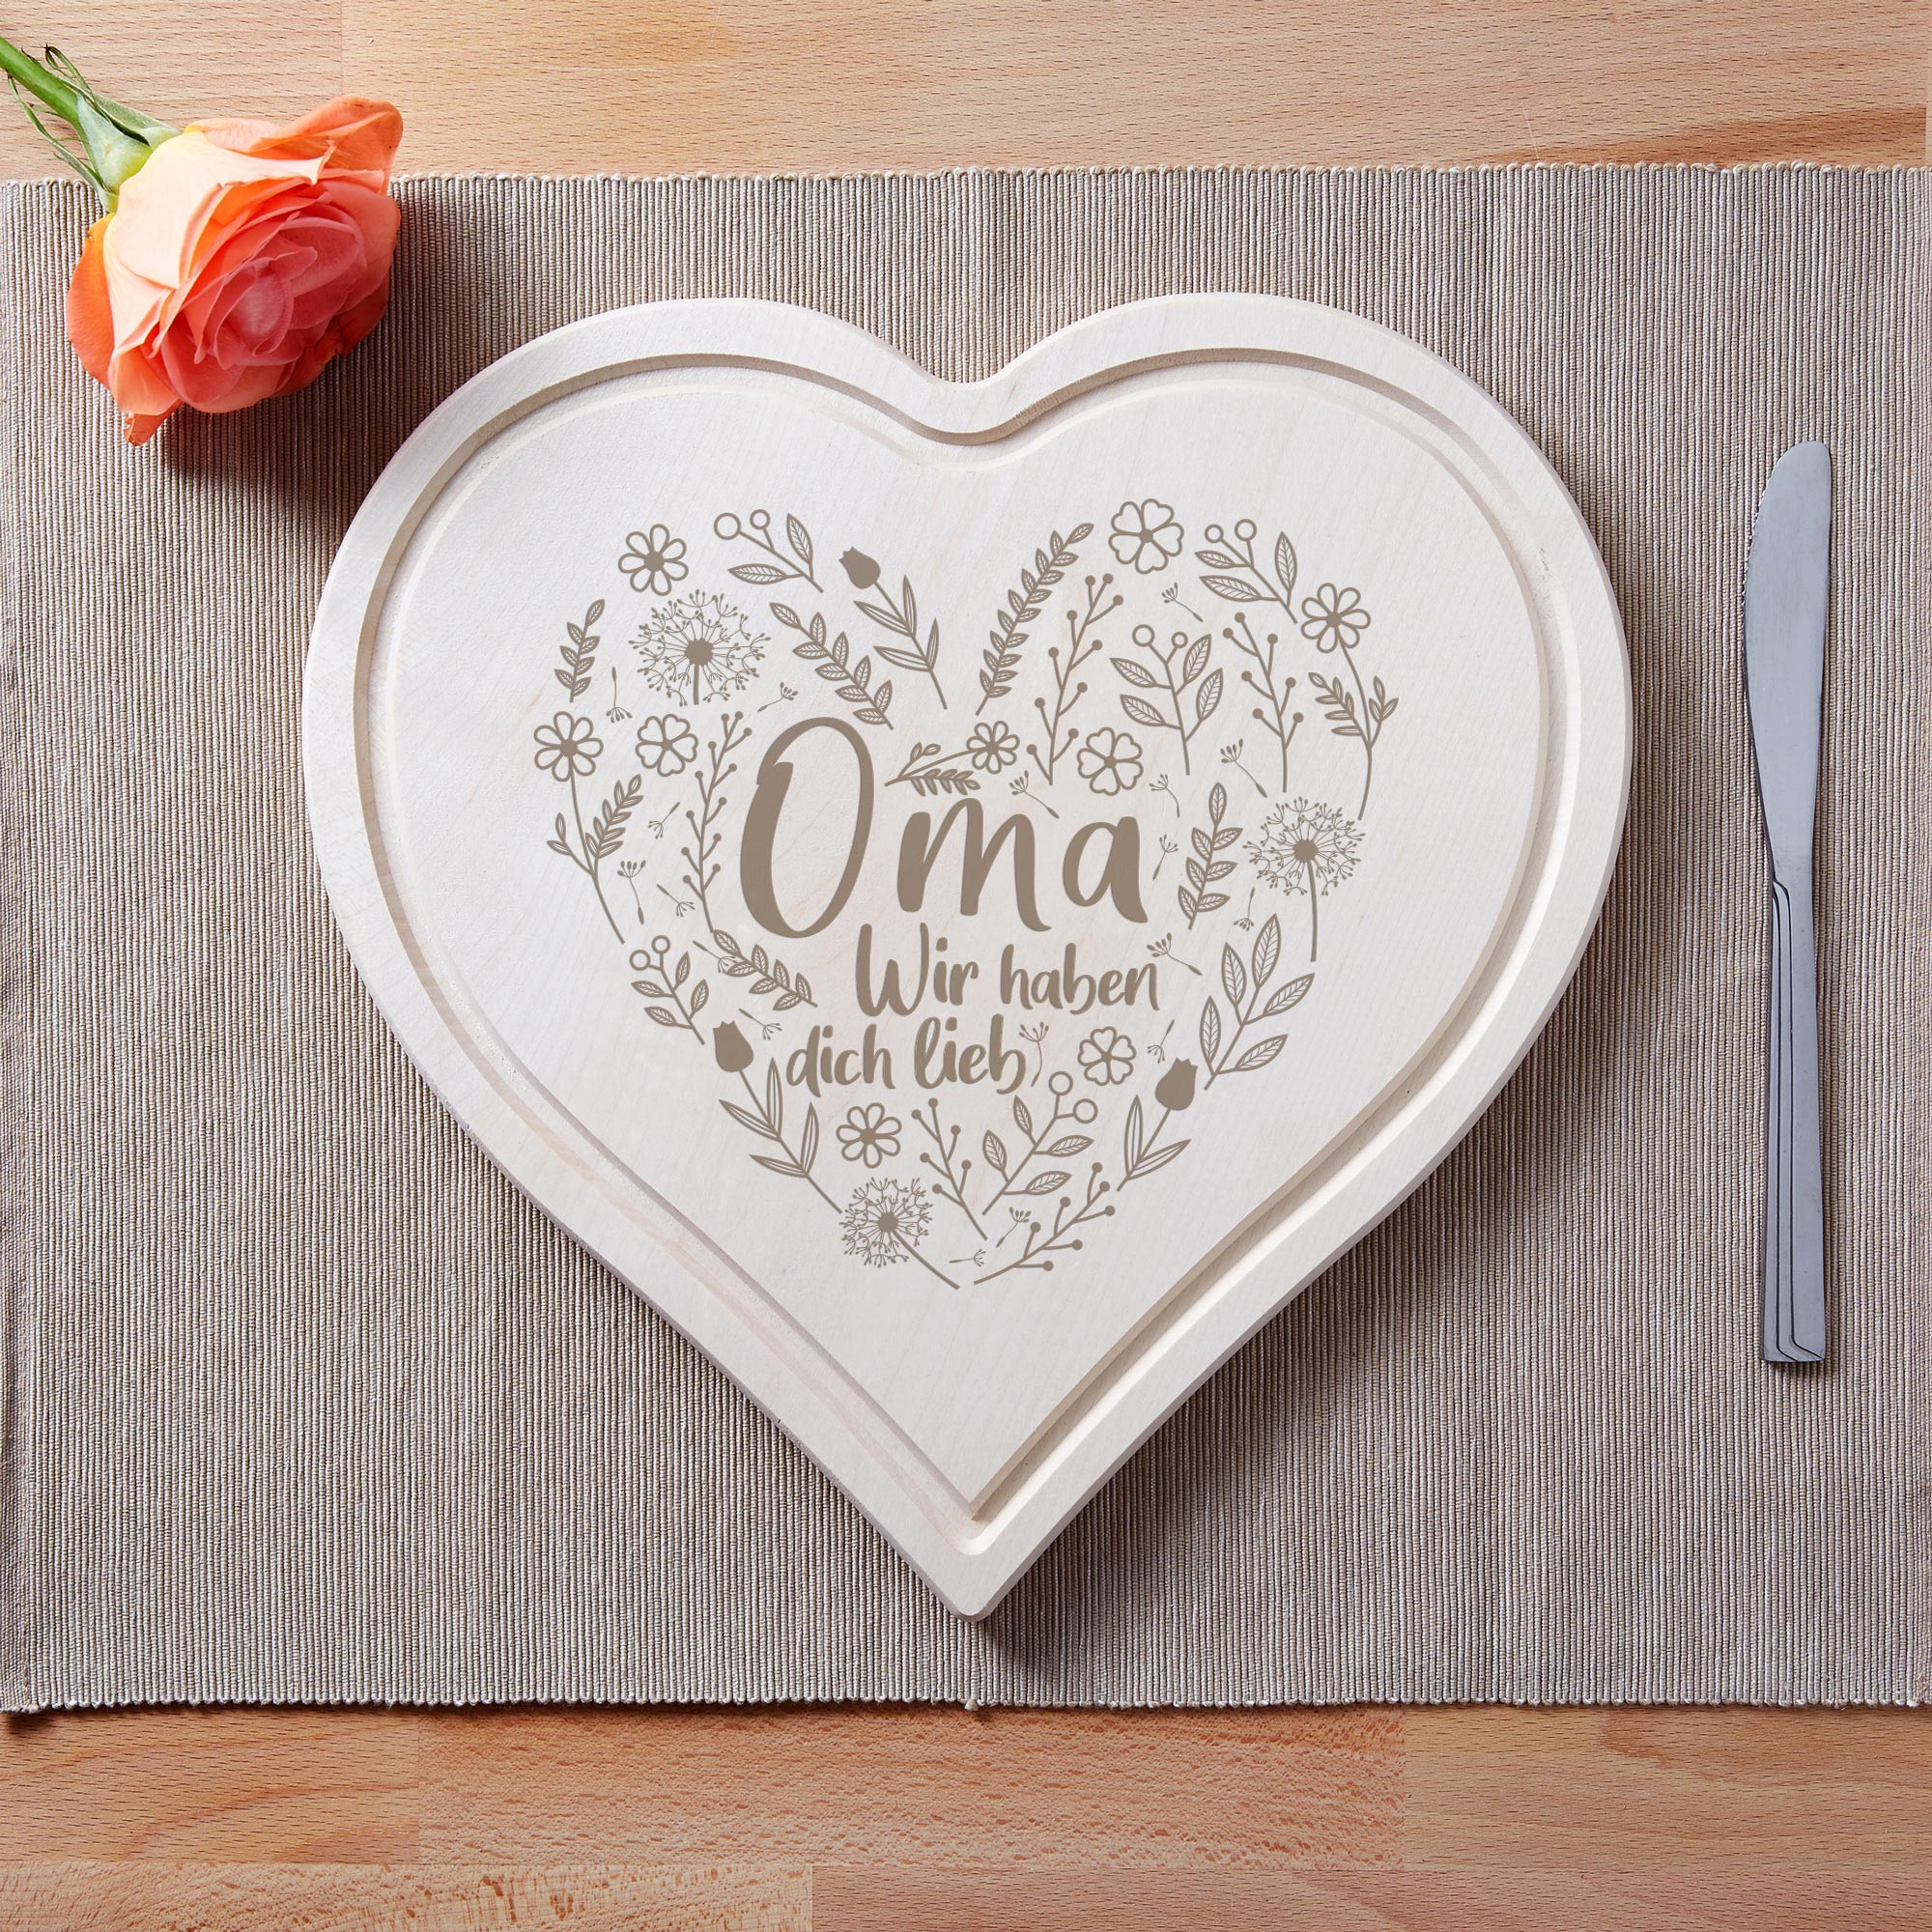 Herzbrett mit liebevoller Gravur - Oma wir haben dich lieb